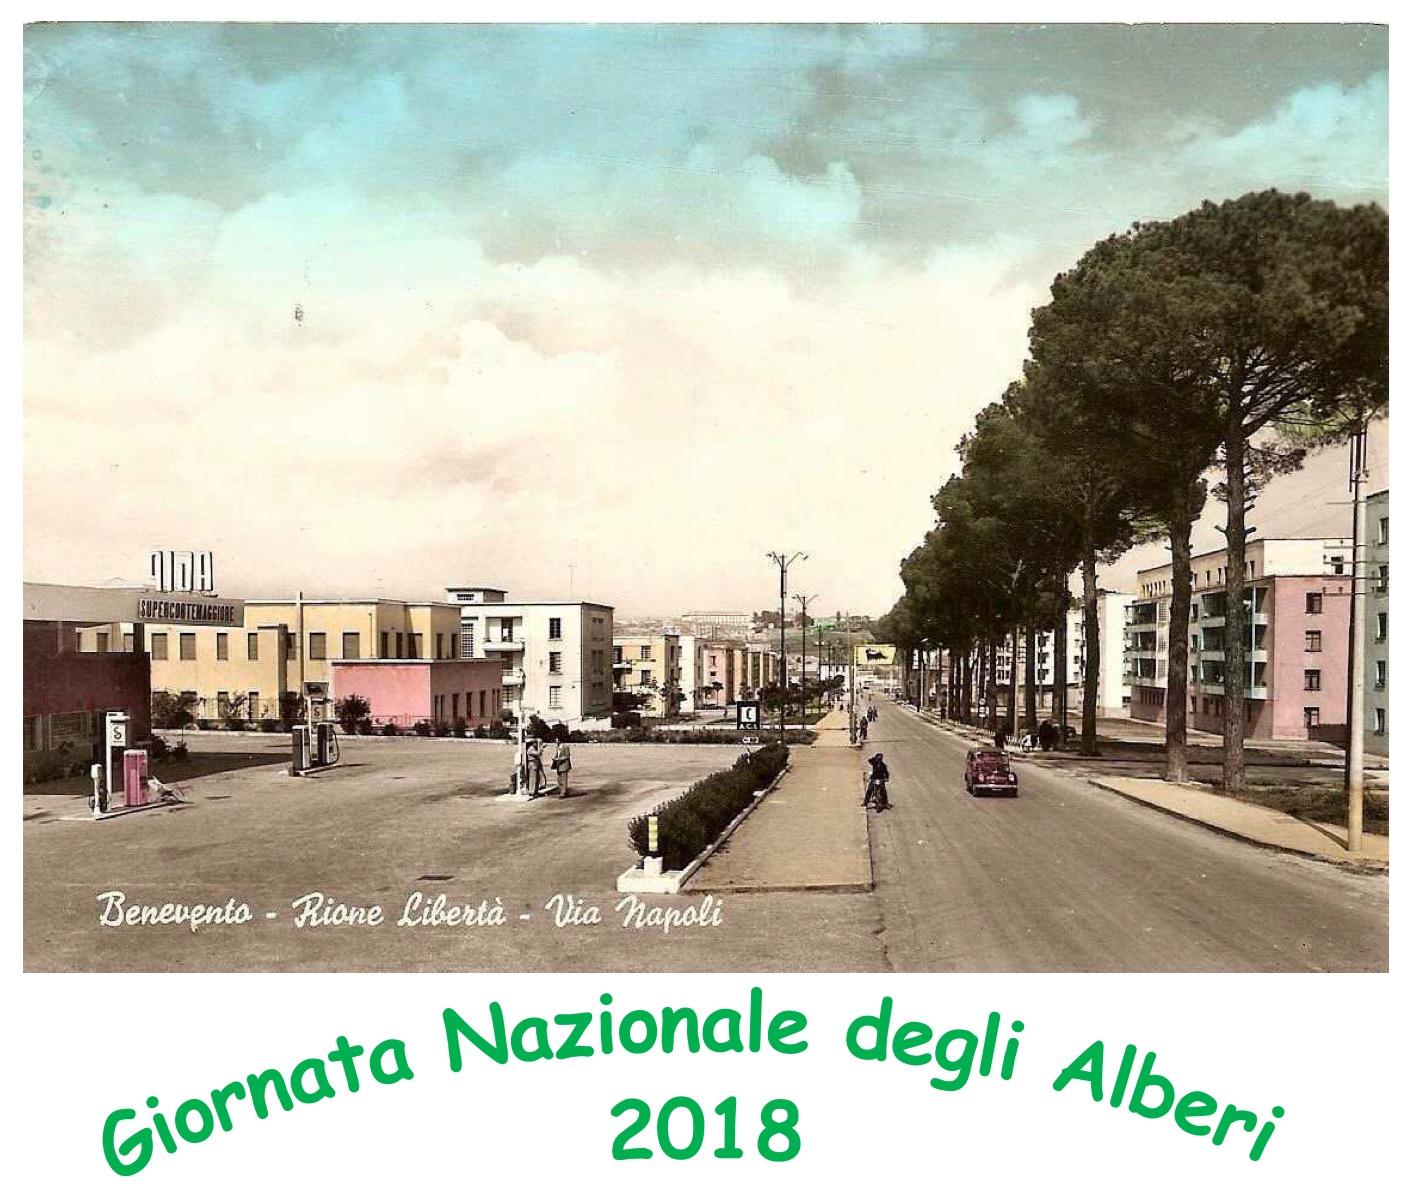 Domani manifestazione a Benevento per la 'Giornata Nazionale degli Alberi'